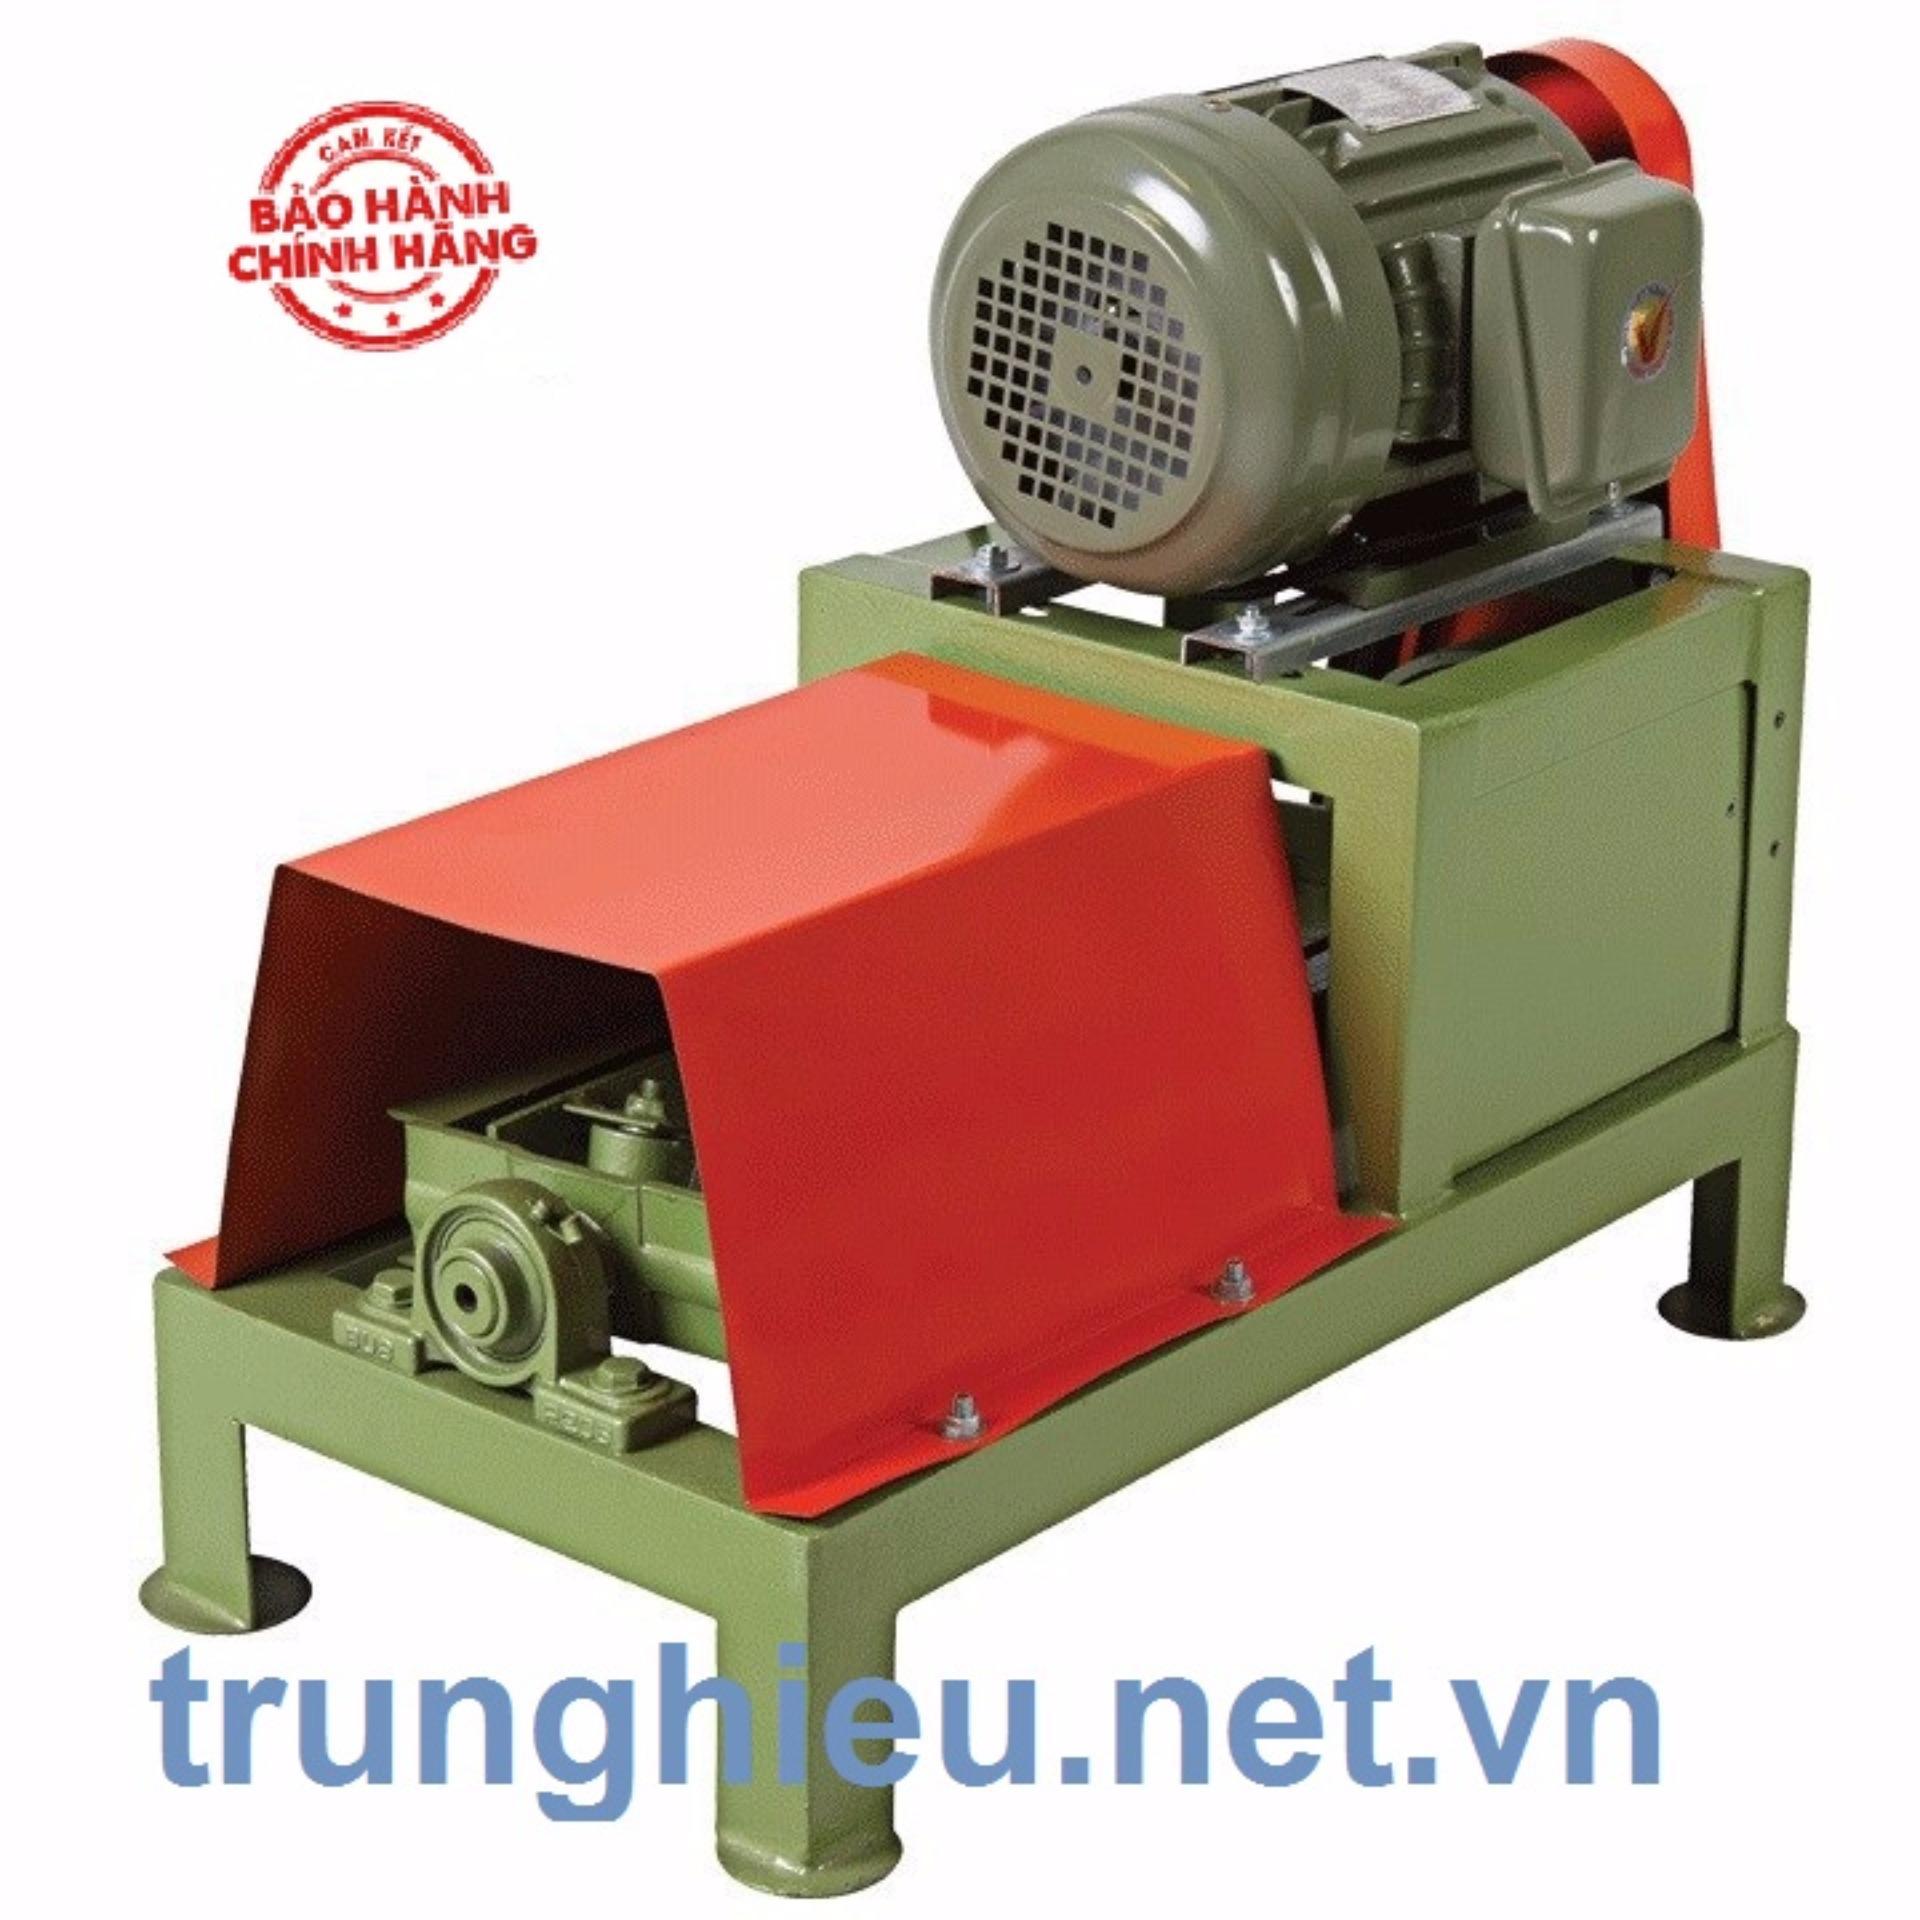 Máy duỗi sắt Hồng Ký HK-DSM114